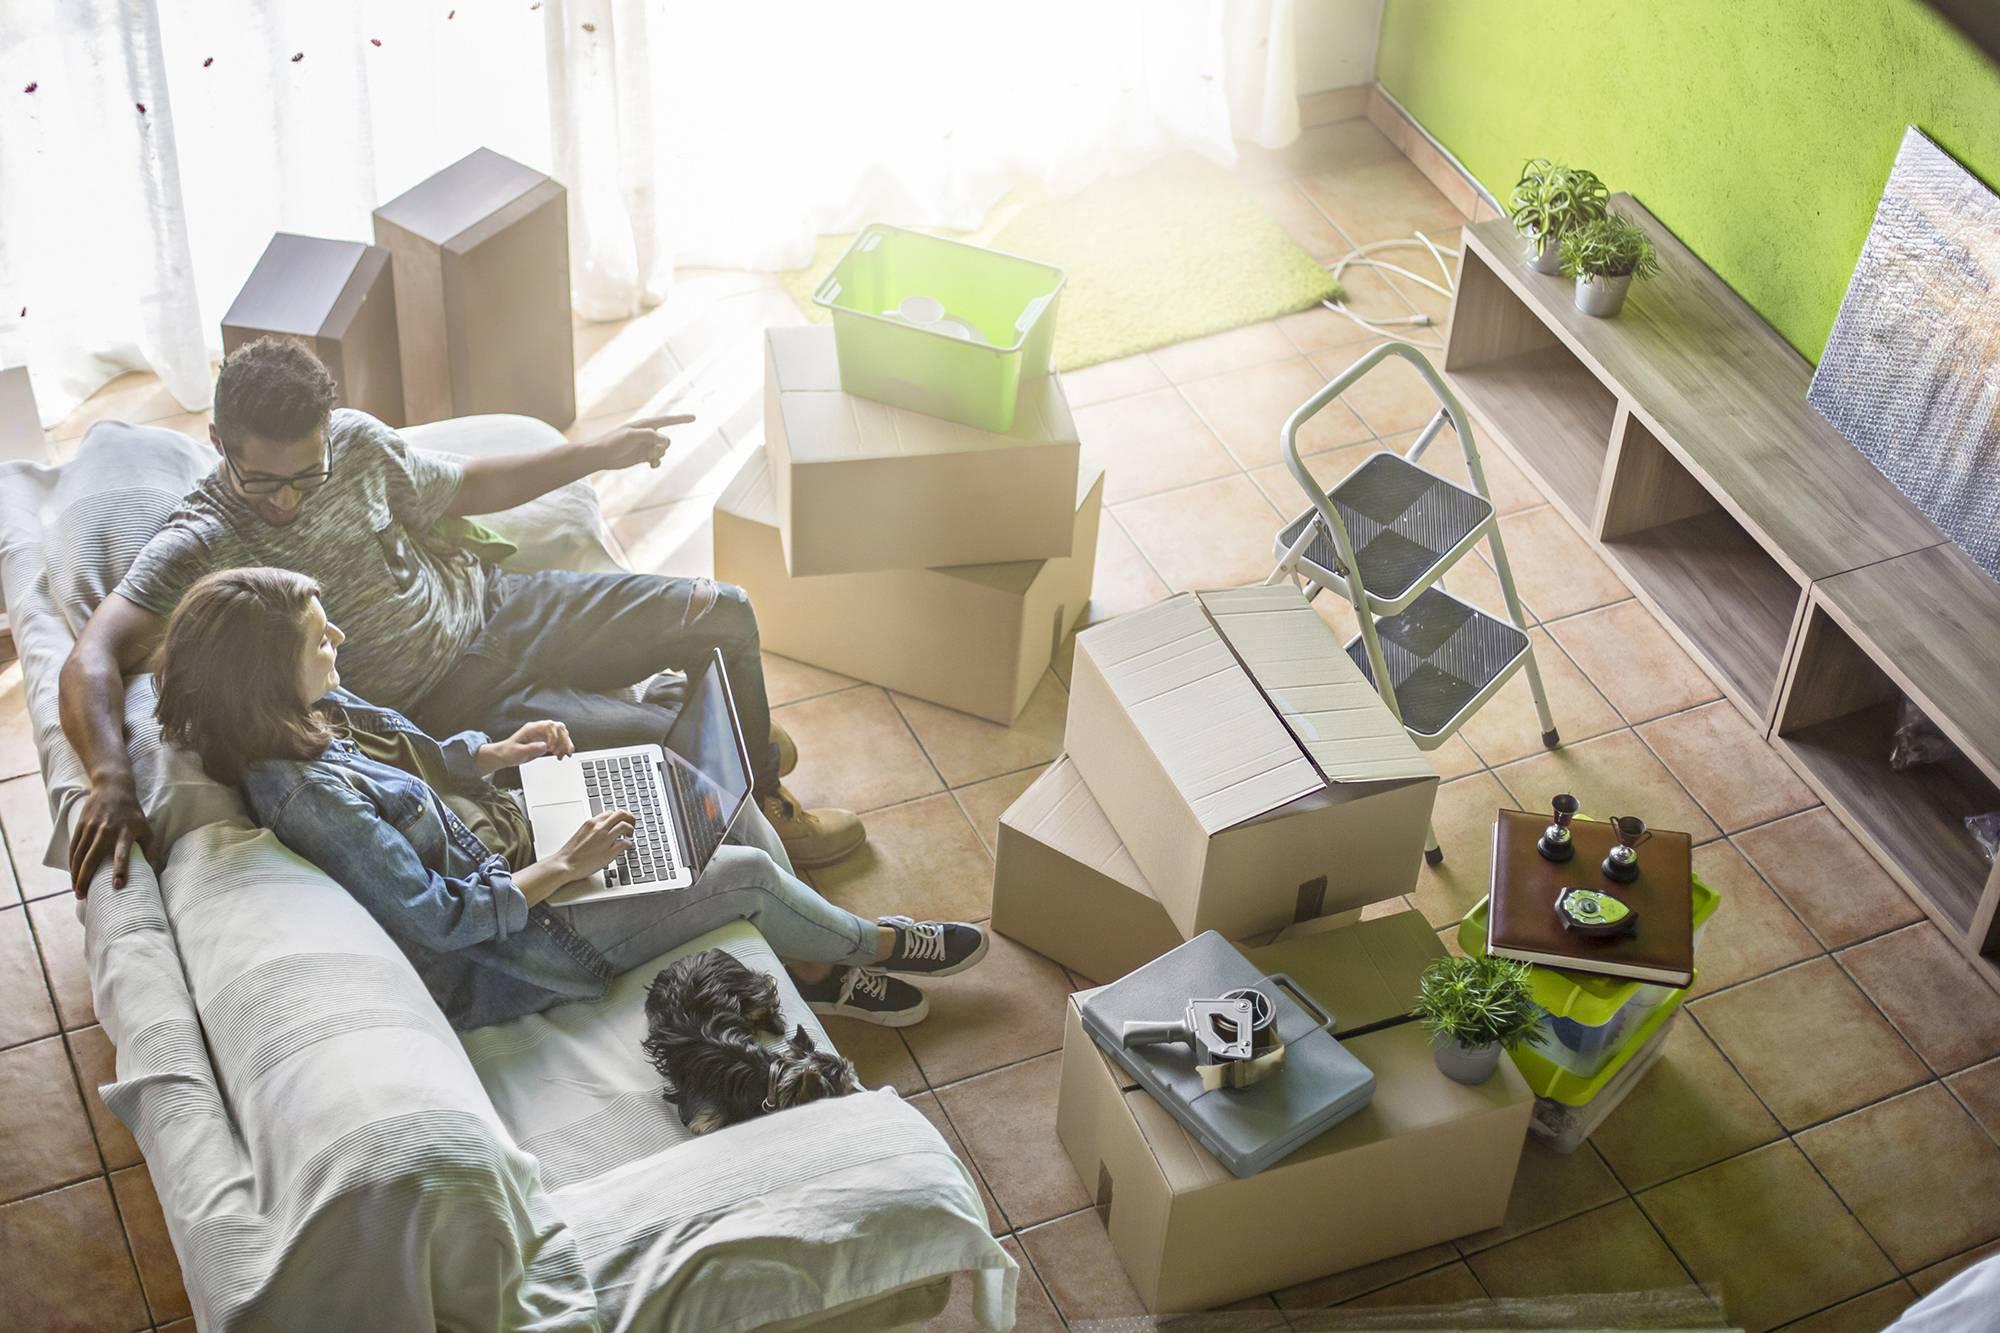 Как пережить переезд в другой город: 10 советов, которые помогут не потерять себя | 5 сфер как пережить переезд в другой город: 10 советов, которые помогут не потерять себя | 5 сфер